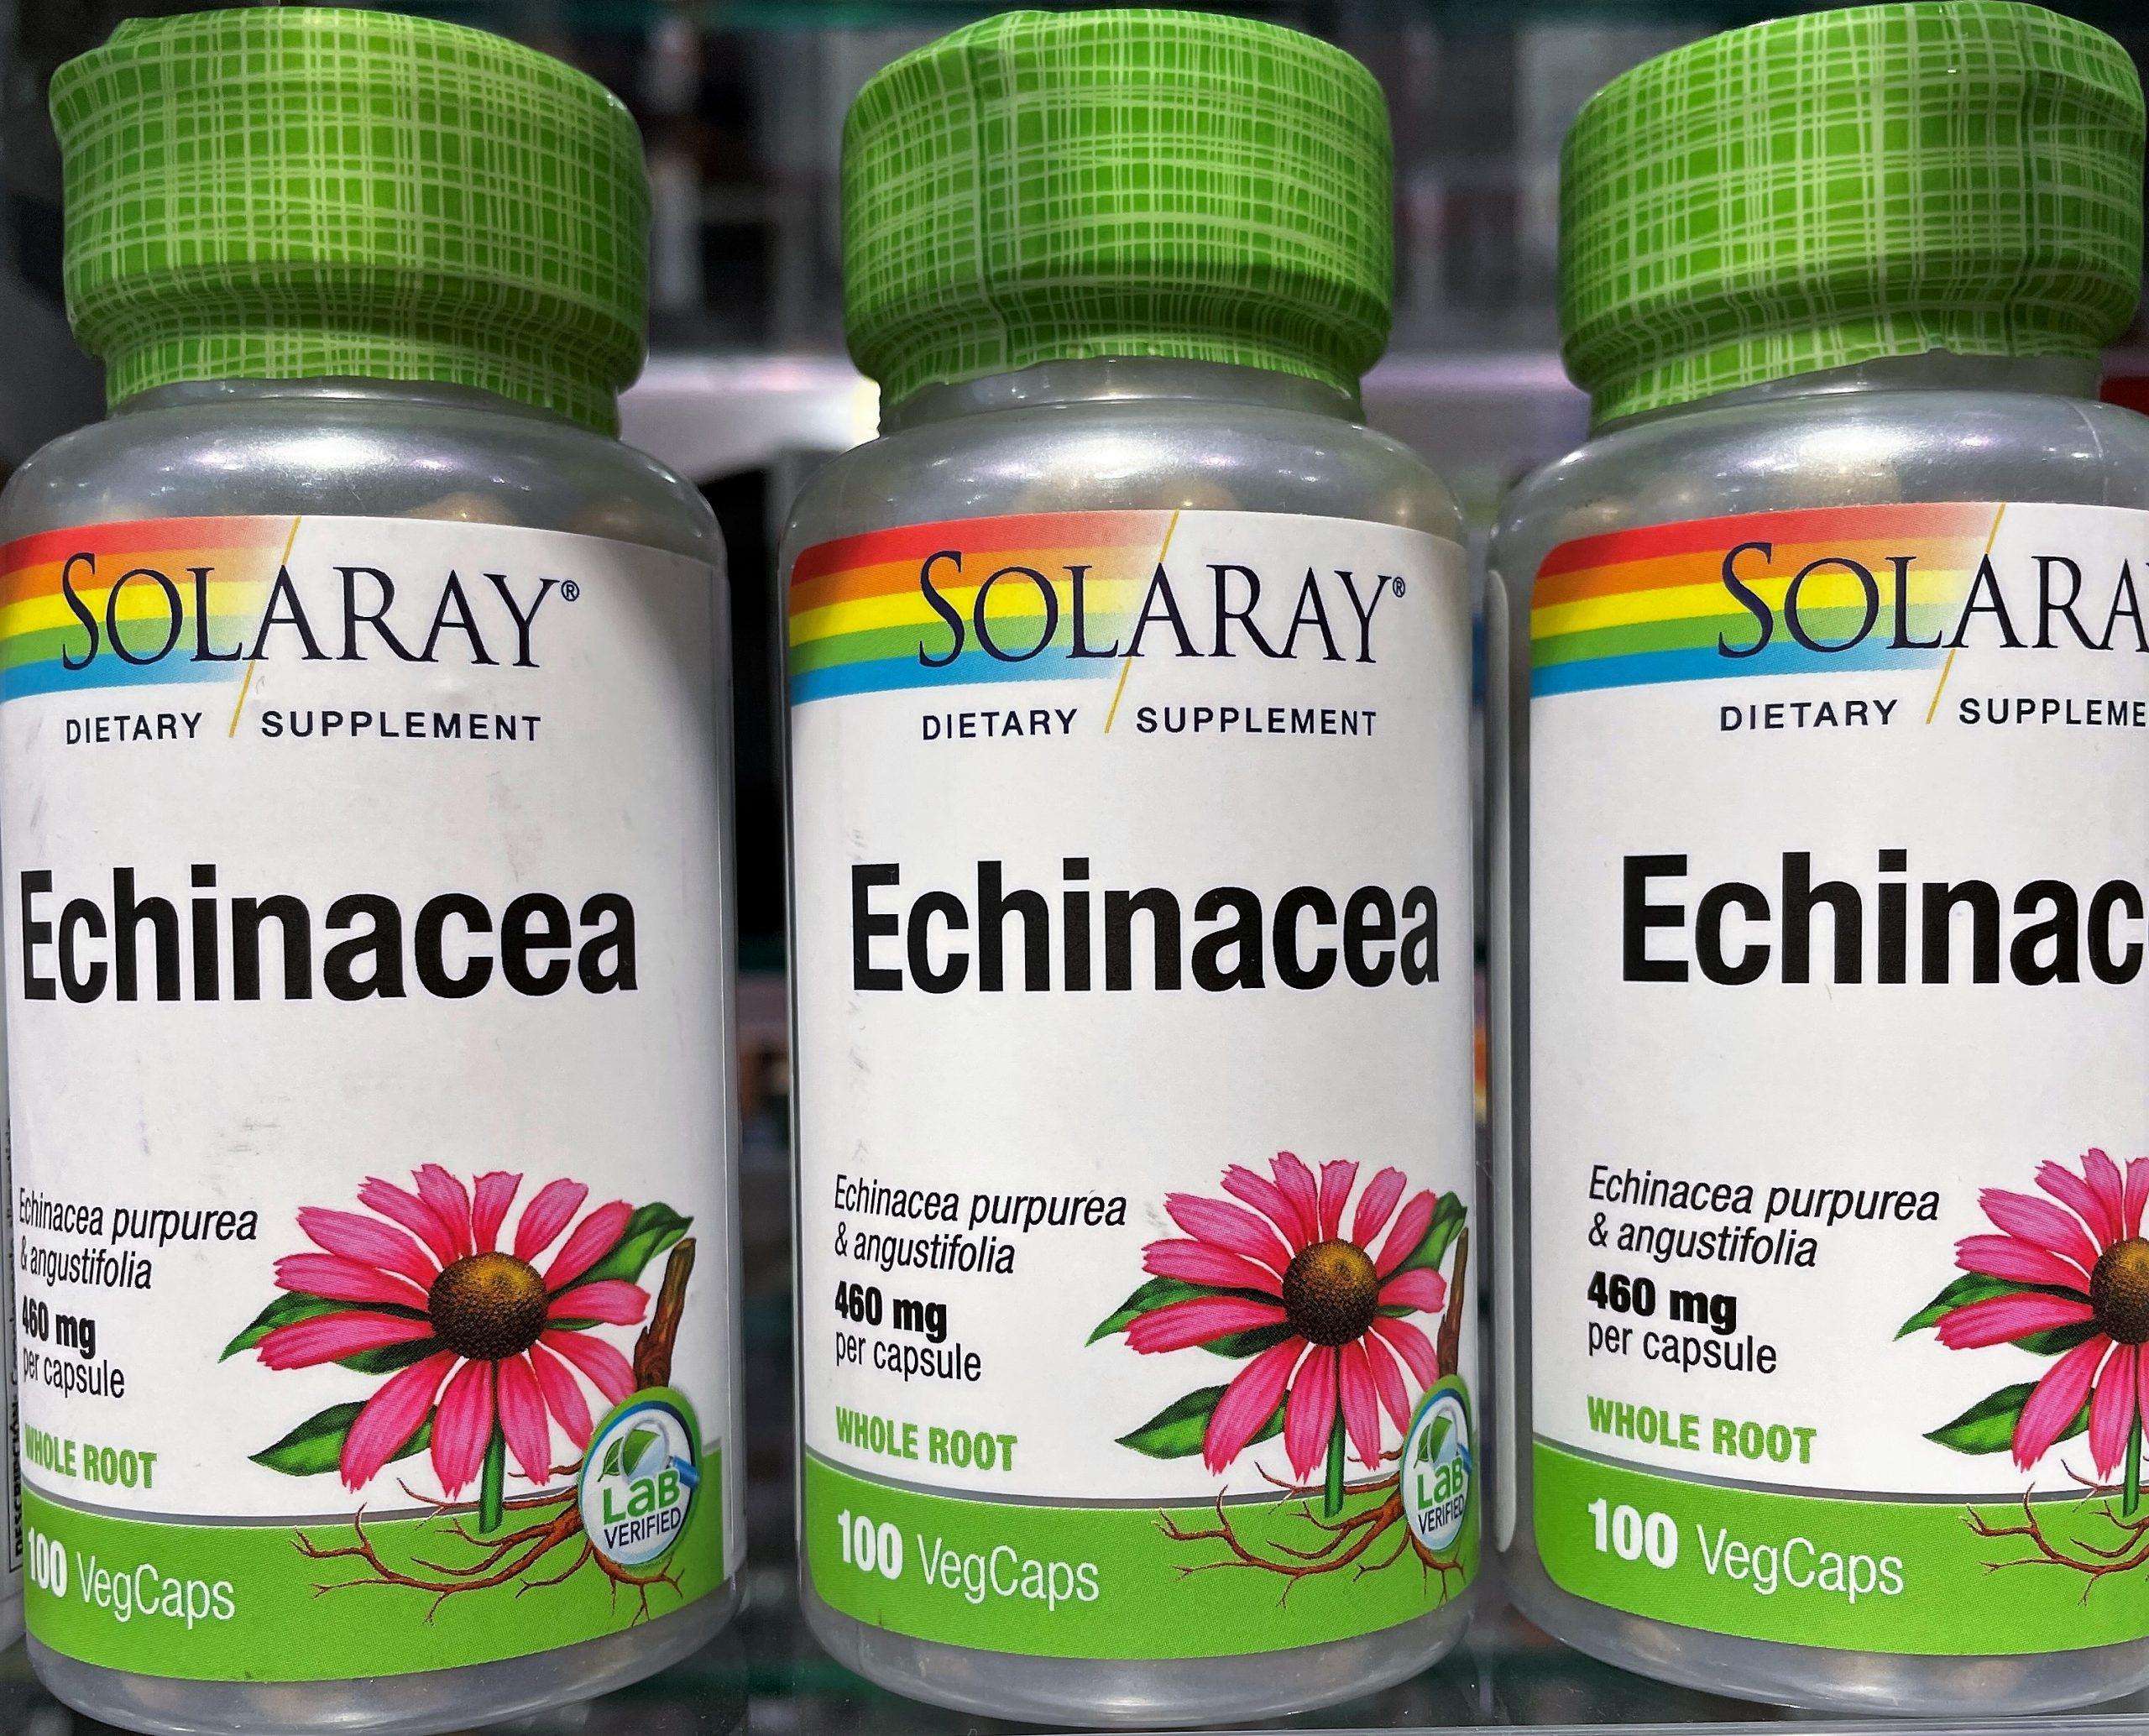 ¿Qué es la equinacea y para qué sirve? Echinacea de Solaray es una planta ampliamente reconocida por suutilidad especialmente en las épocas frías del año